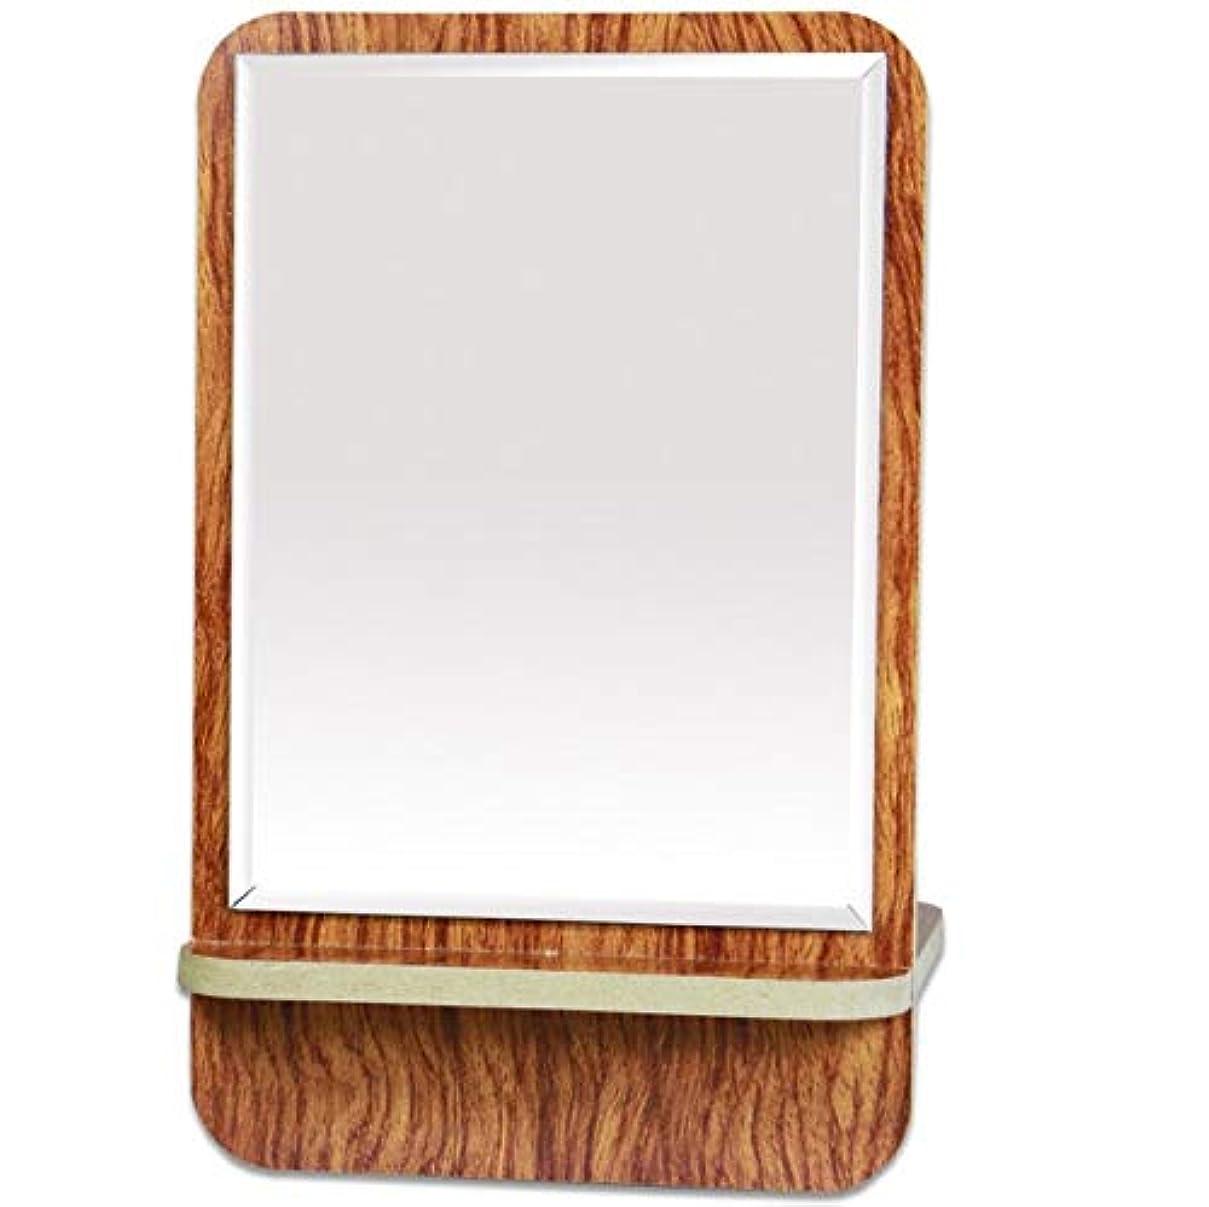 音楽比喩ミリメーター化粧鏡、木製の鏡、デスクトップ化粧鏡、化粧ギフト